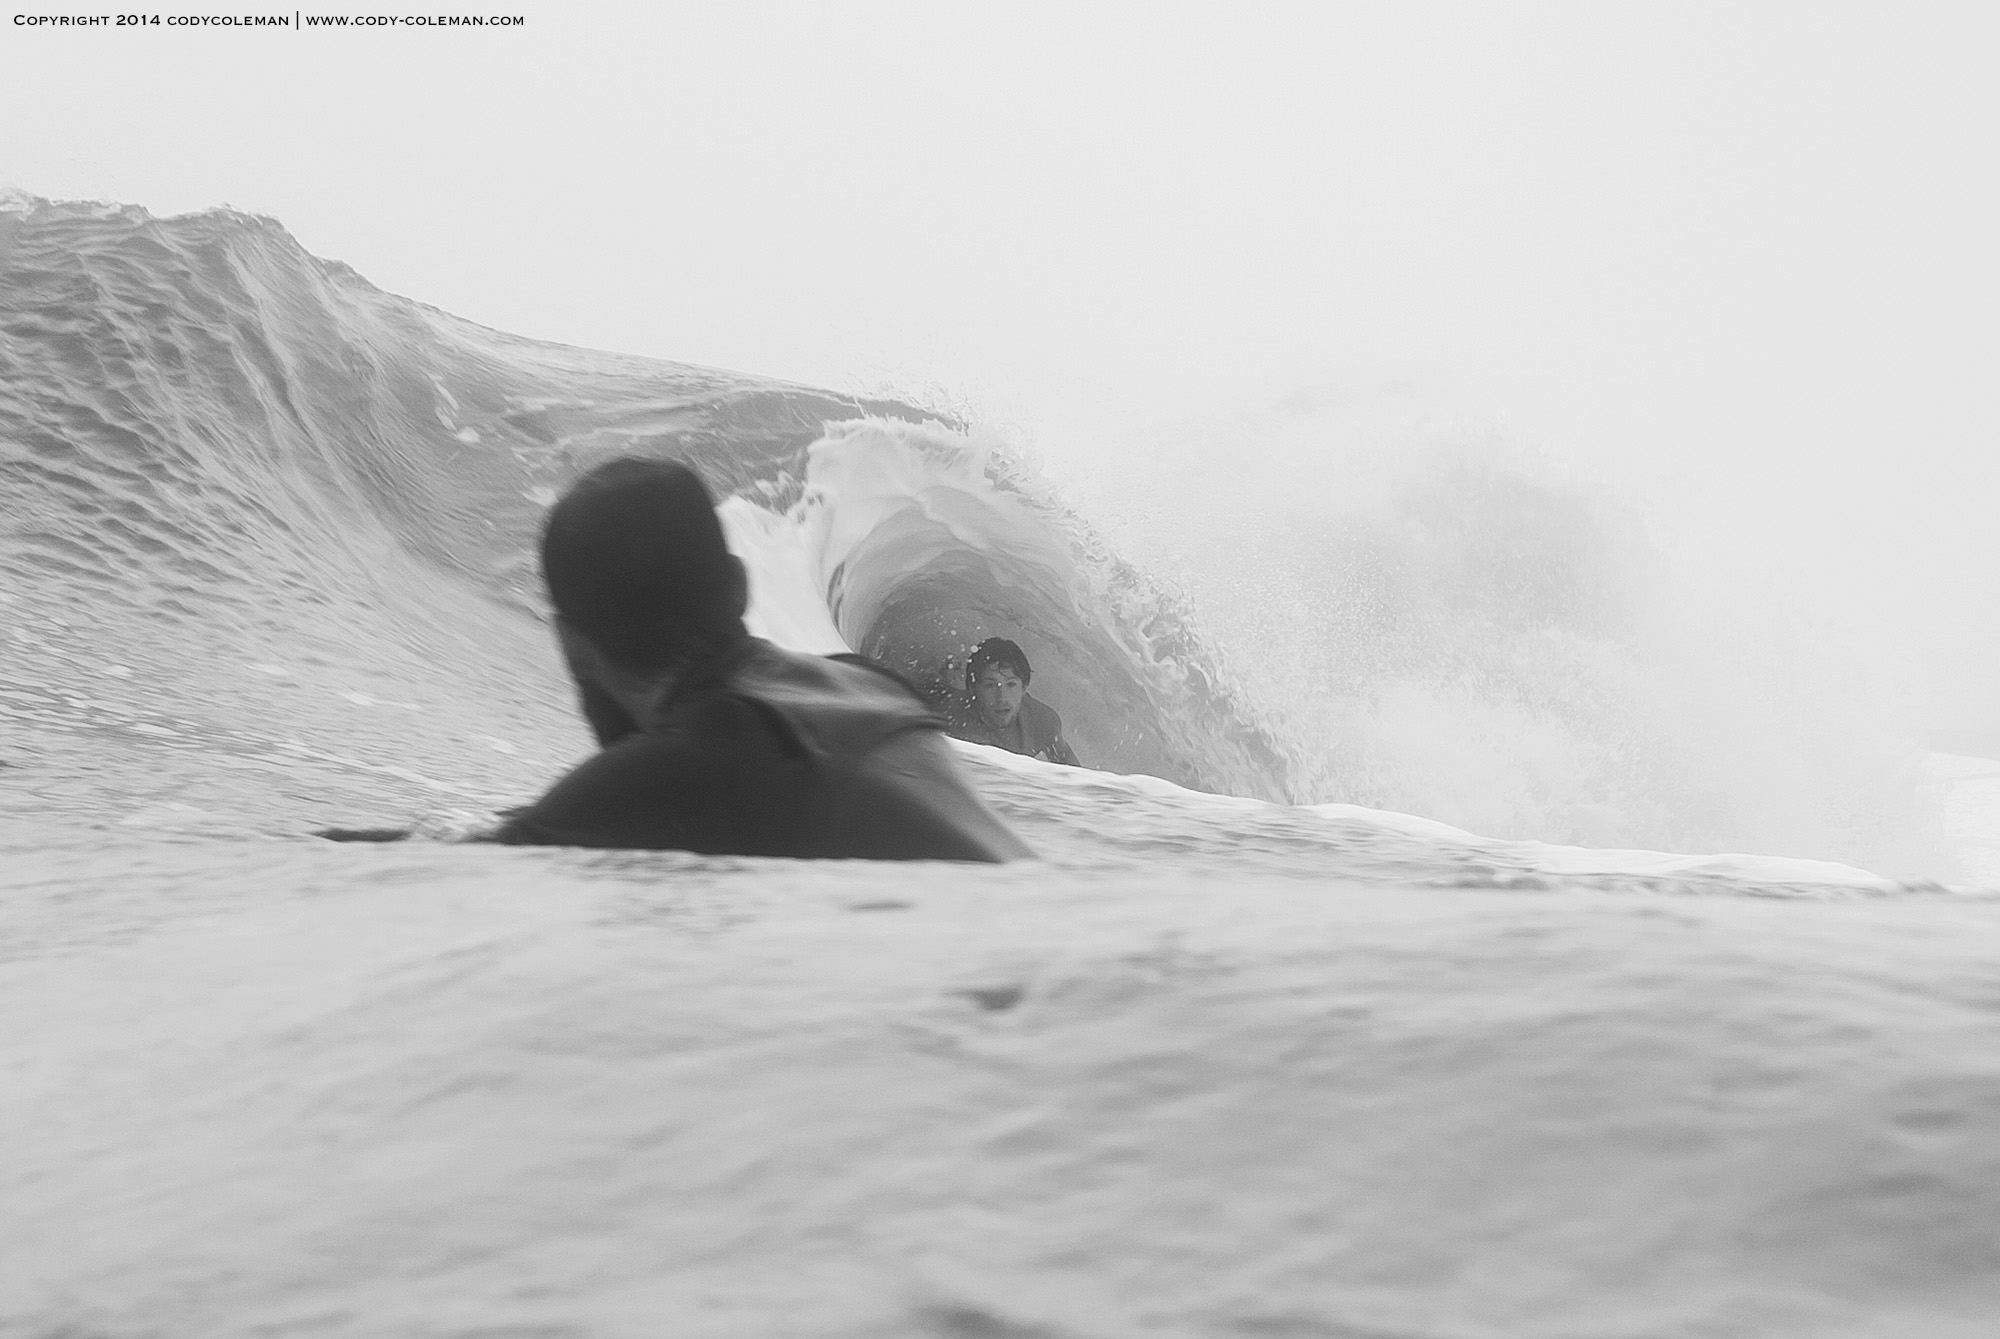 St_Augustine_body_surfing